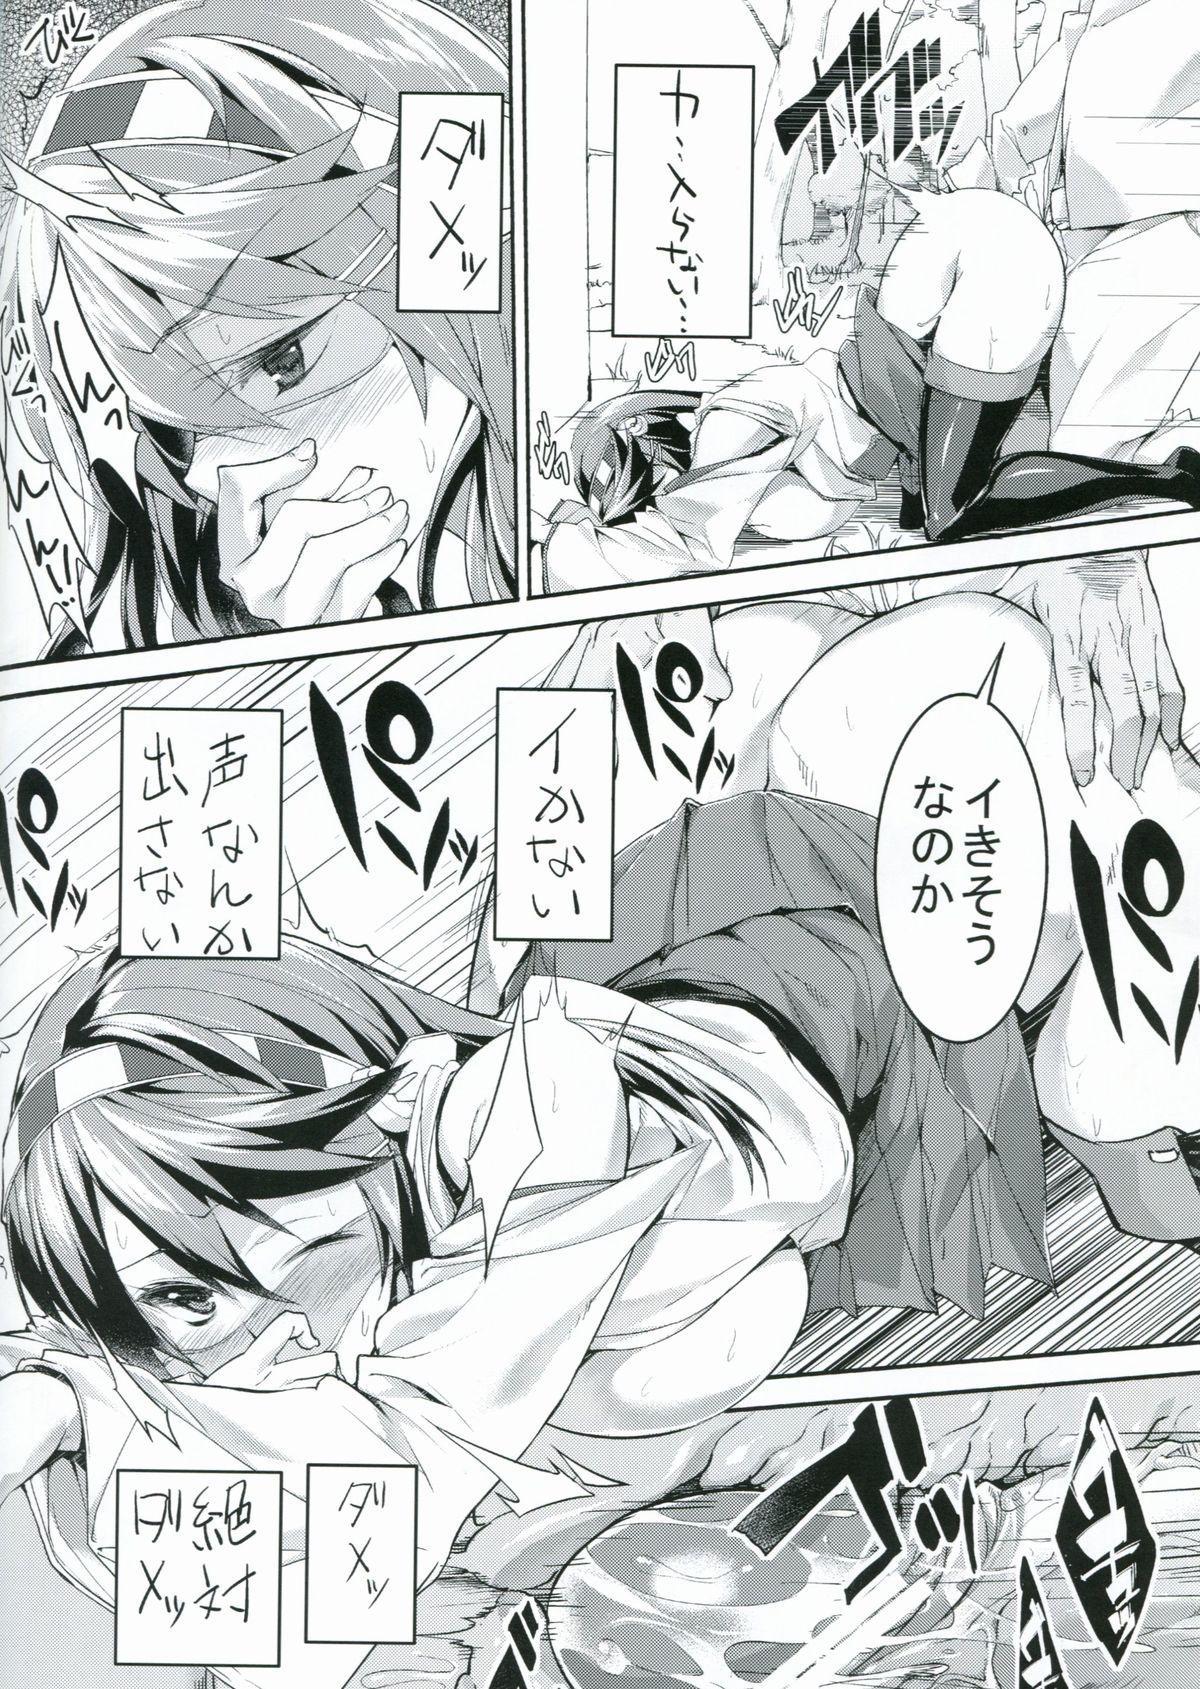 Haruna ga Teitoku no Tame ni Dekiru Koto 12